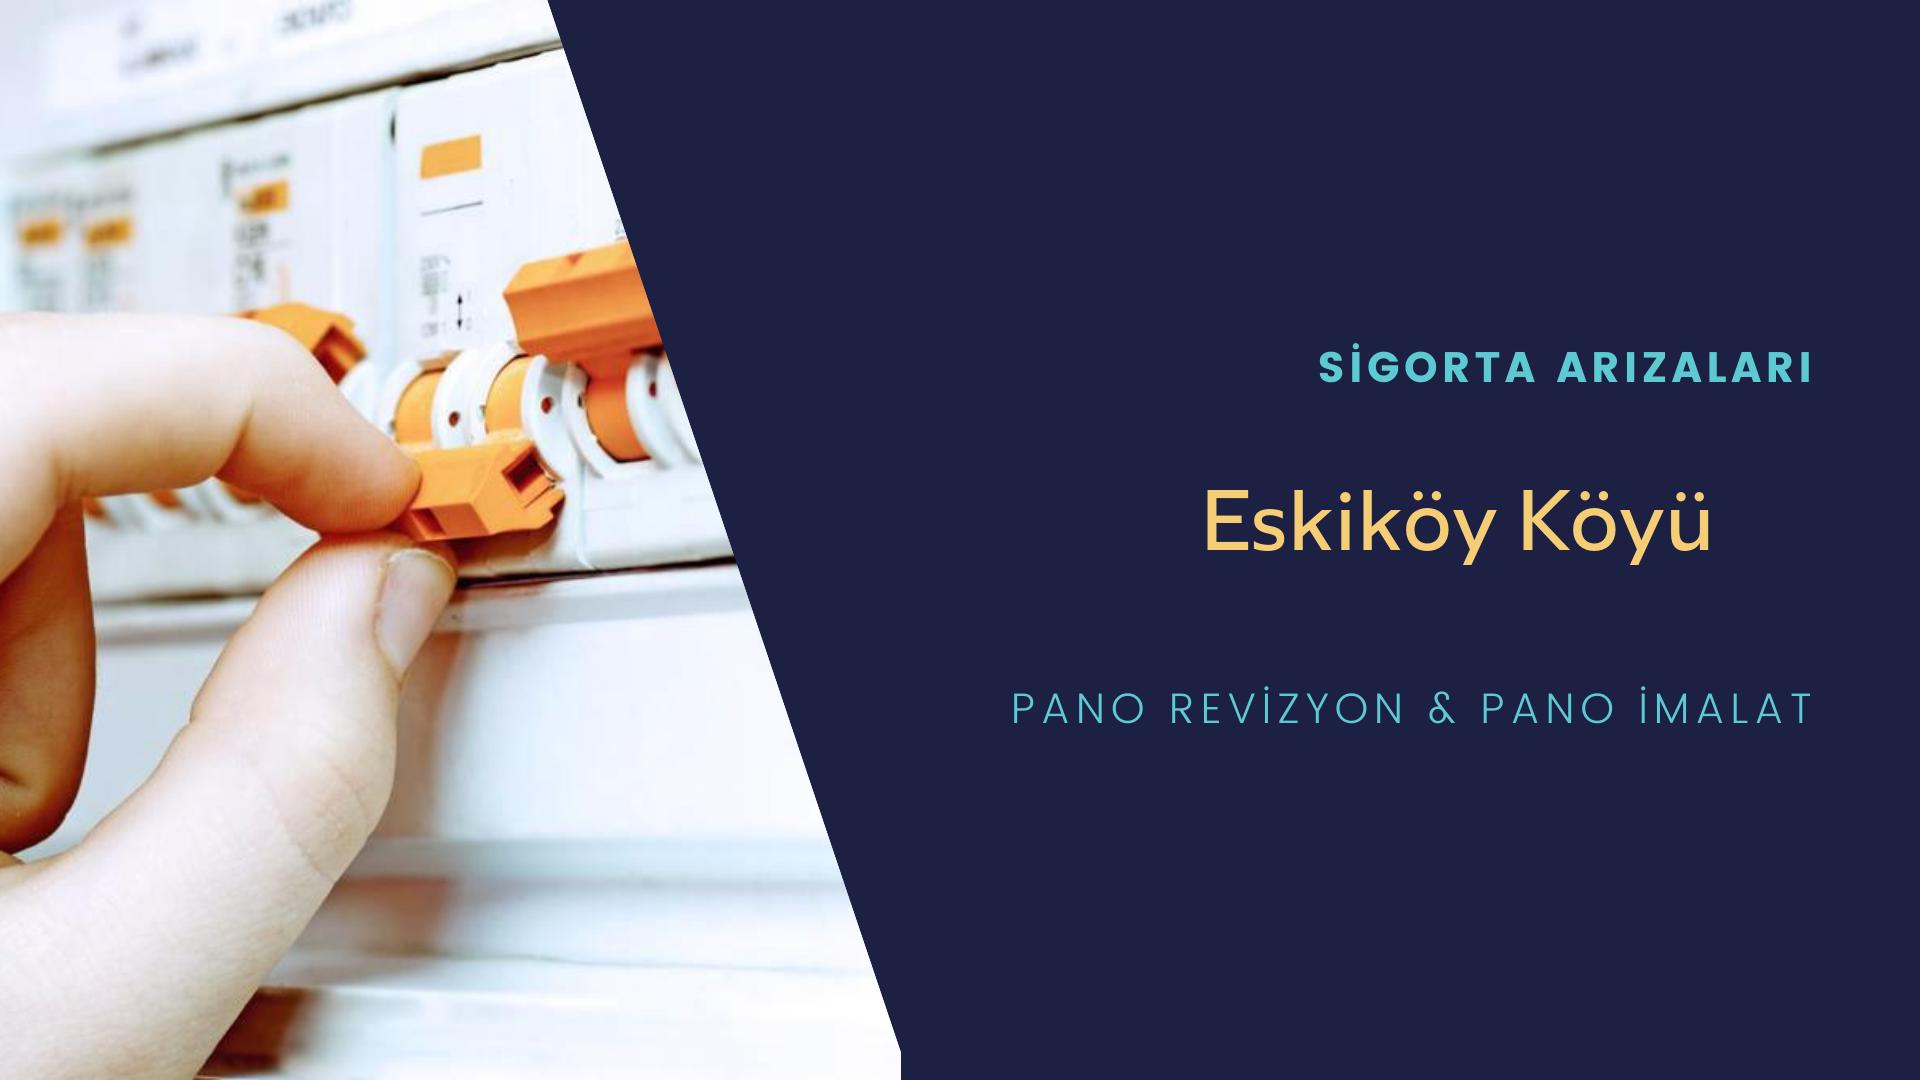 Eskiköy Köyü Sigorta Arızaları İçin Profesyonel Elektrikçi ustalarımızı dilediğiniz zaman arayabilir talepte bulunabilirsiniz.